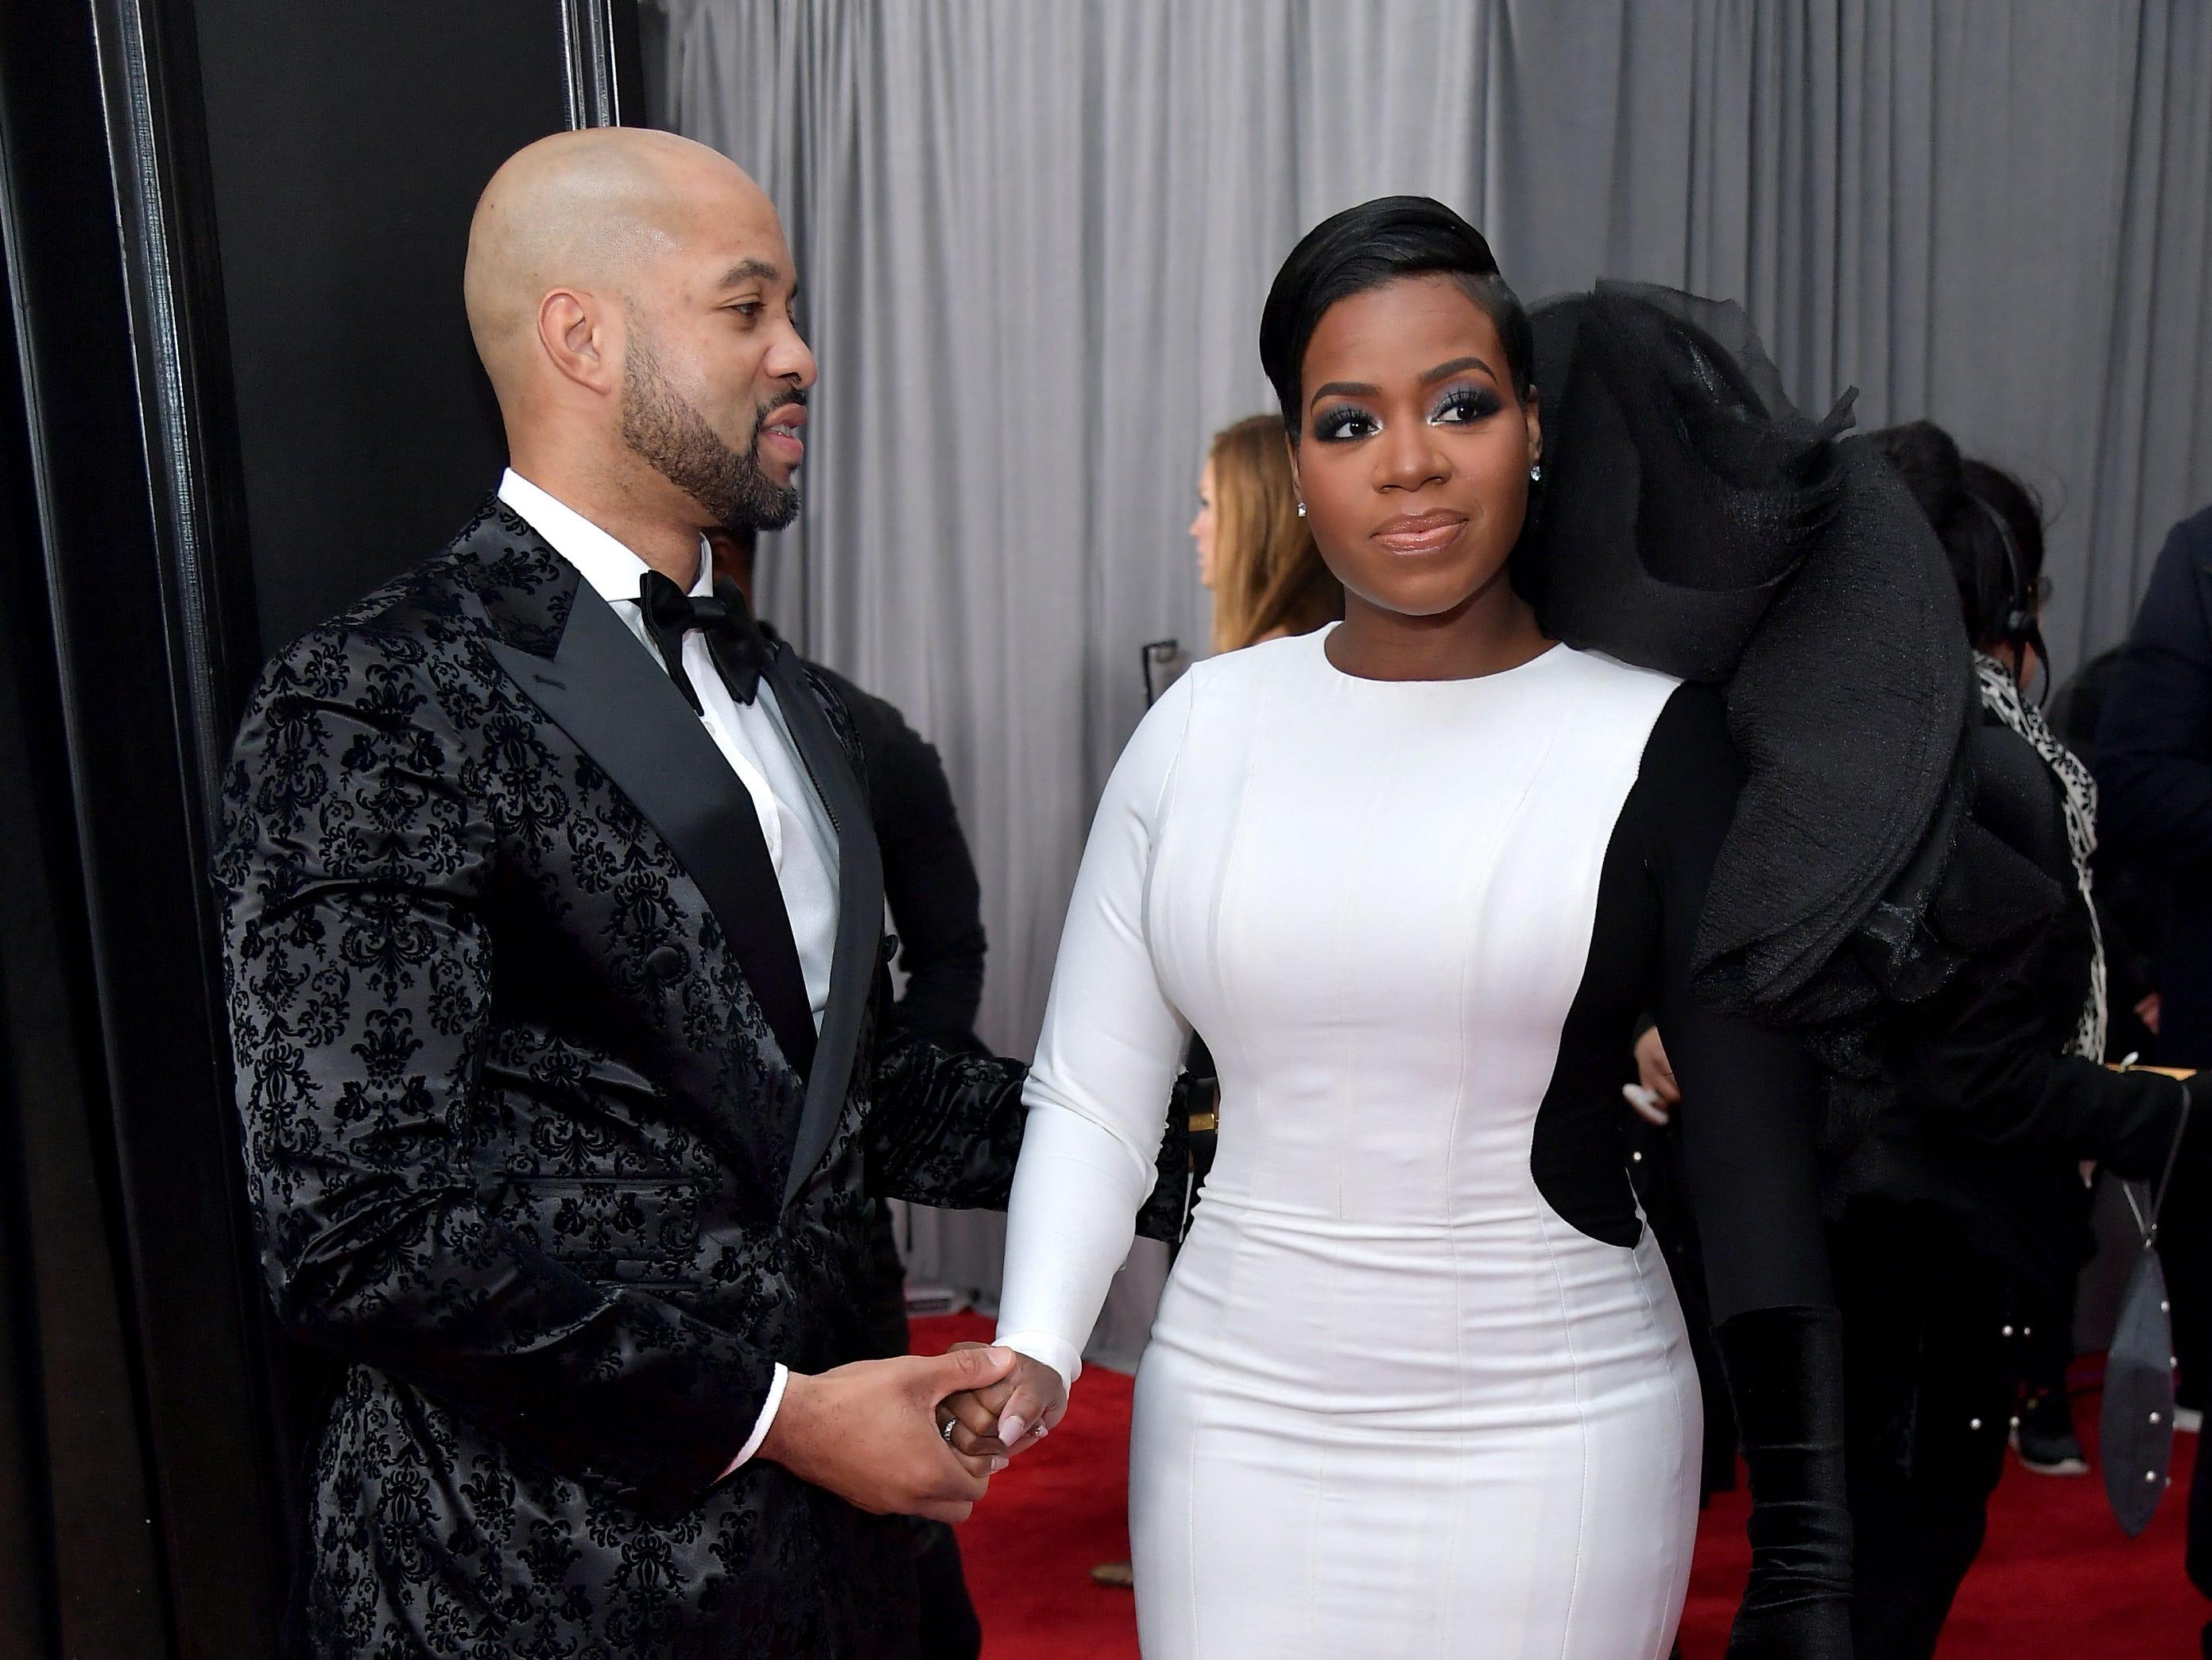 Kendall Taylor y Fantasia Barrino asisten a la 61ª edición de los premios GRAMMY en el Staples Center el 10 de febrero de 2019 en Los Ángeles, California.